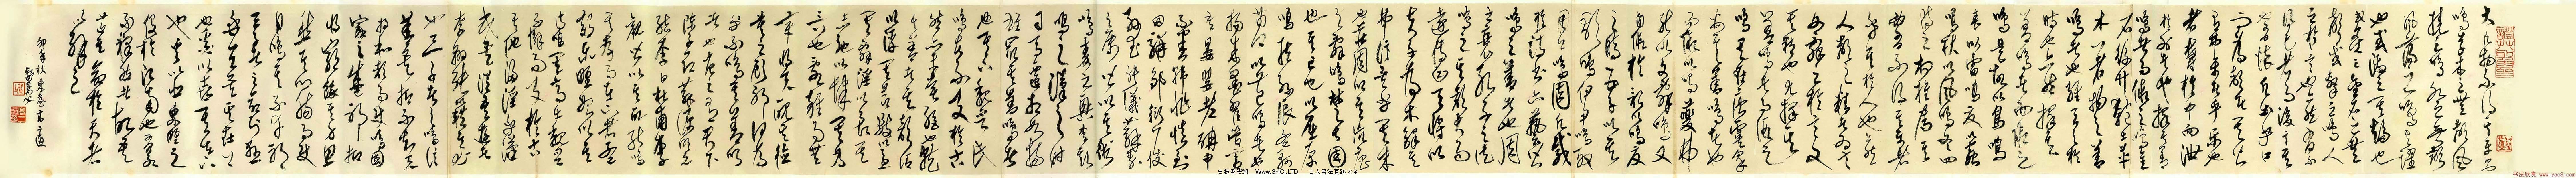 高二適草書字帖《韓愈送孟東野序》高清晰書法長卷(共21張圖片)